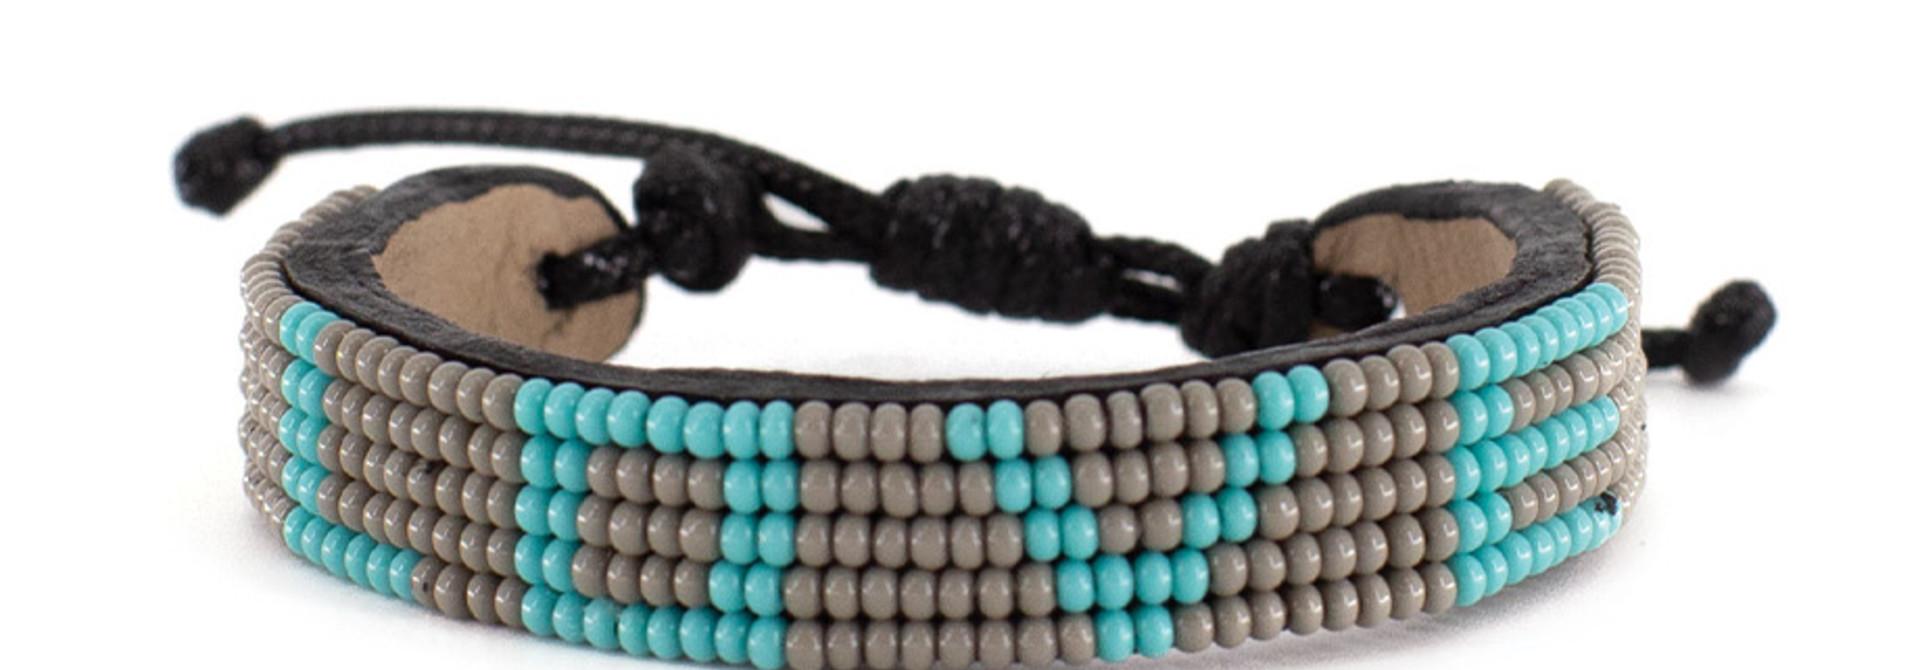 5 row LOVE Bracelet Grey/Turquoise